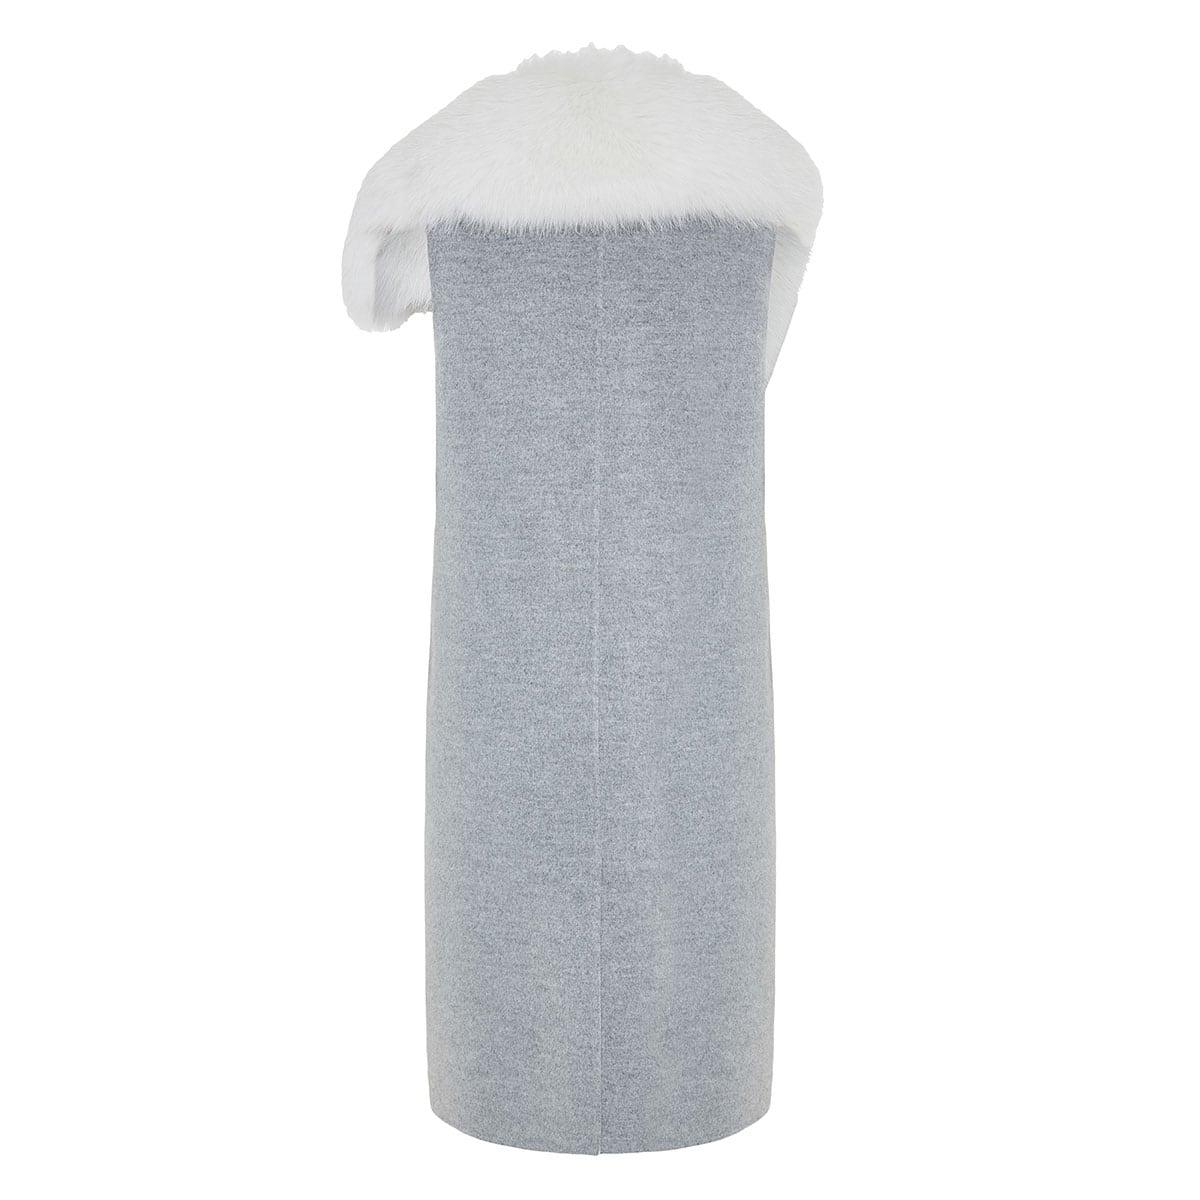 Fur-trimmed cashmere vest